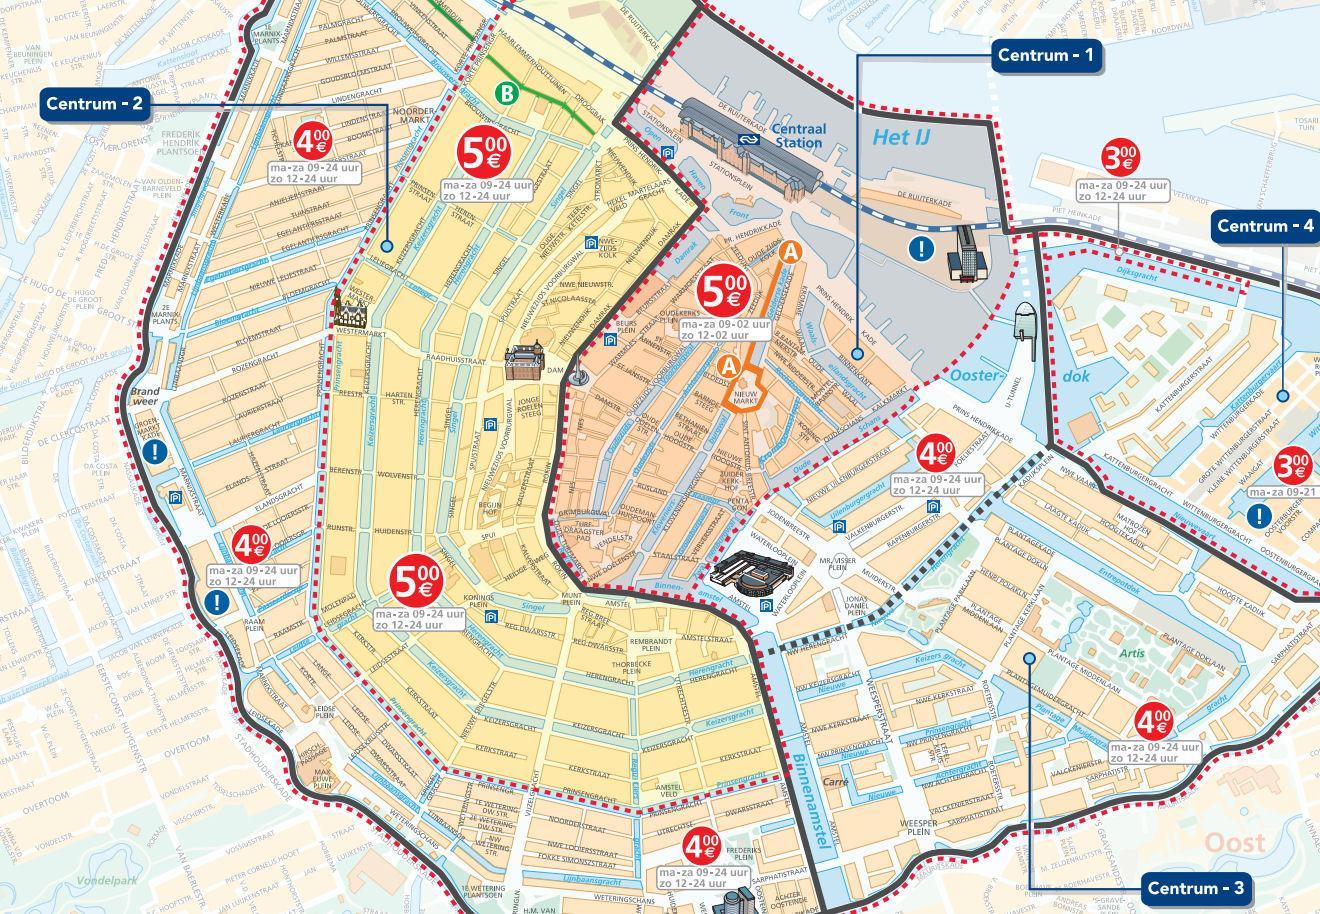 Parkeerzones Van De Kaart Van Amsterdam Amsterdam Parkeerzones